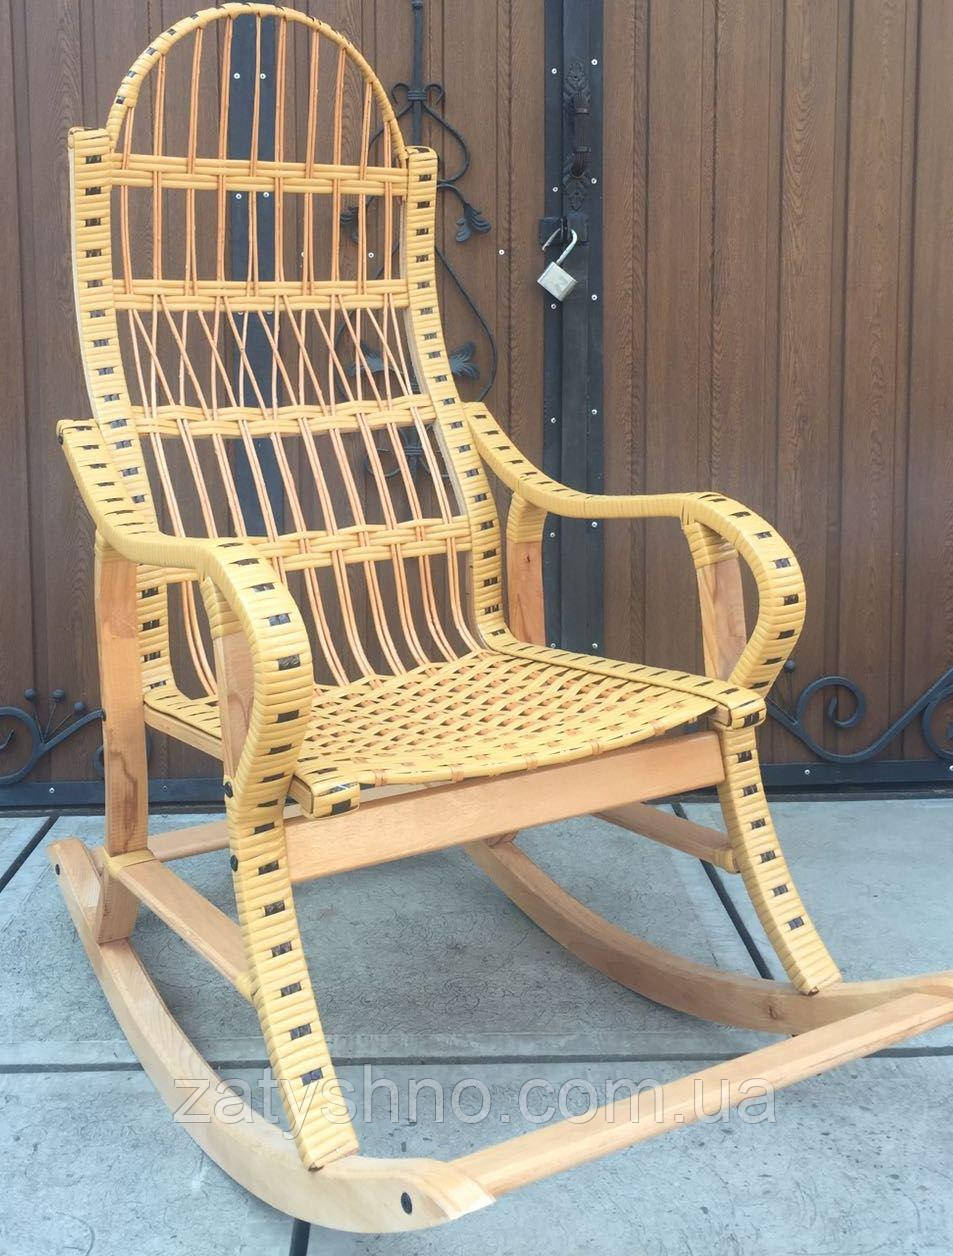 Кресло качалка плетеное | кресло-качалка для отдыха садовая для дачи